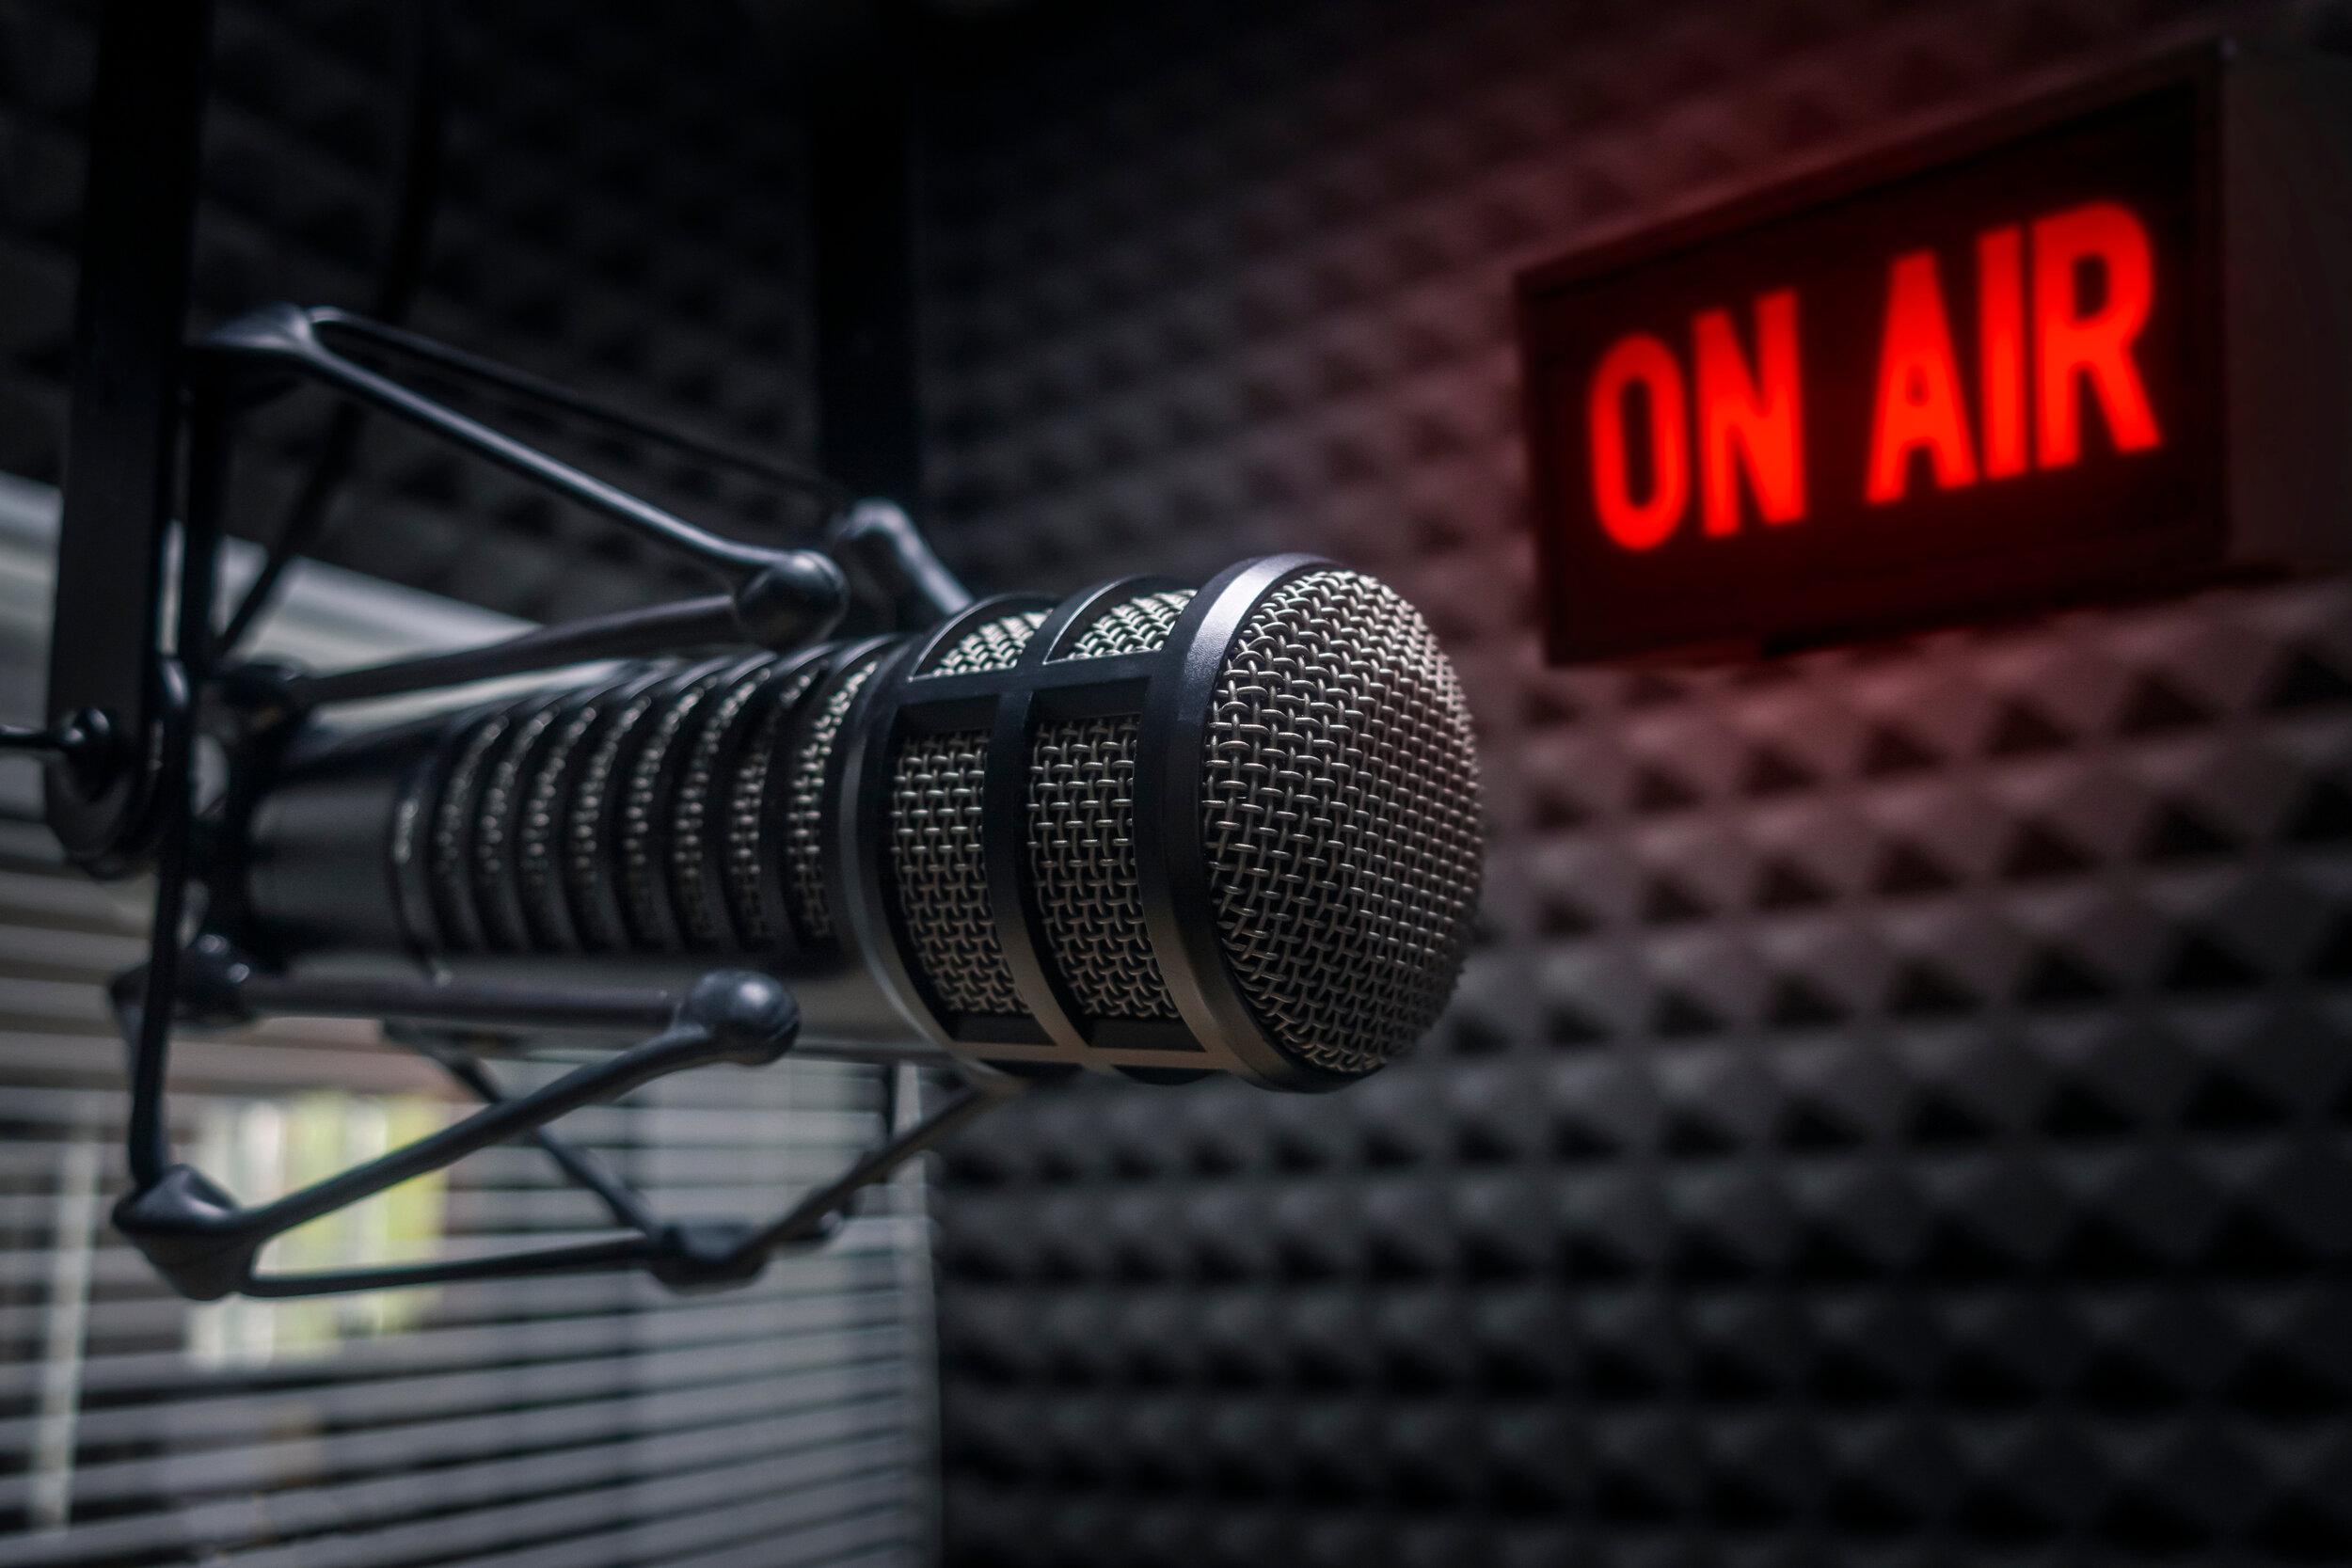 学生电台-学生制作的节目 & 今天夏洛特最好的学生广播电台的最佳音乐组合